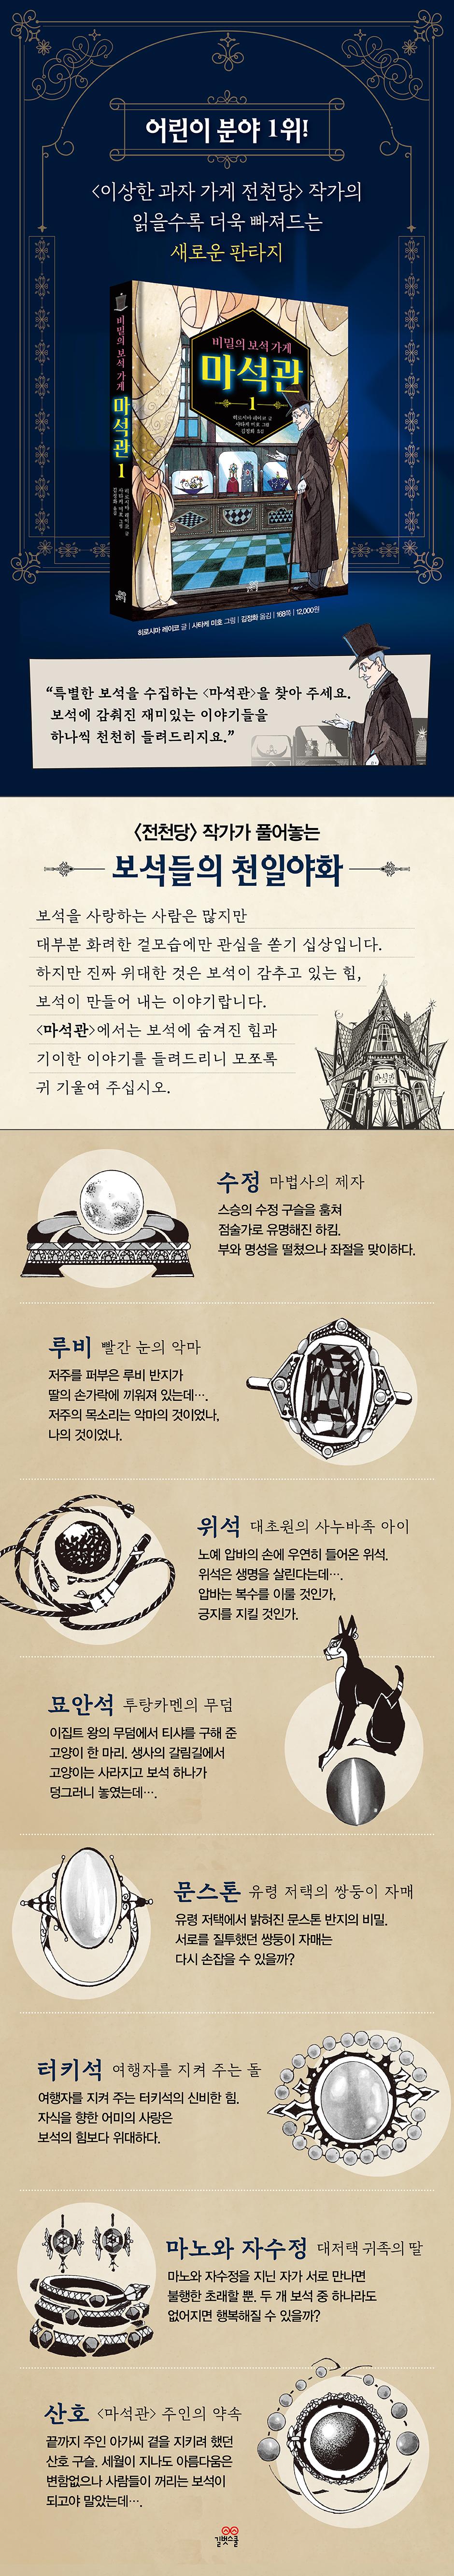 비밀의 보석 가게 마석관 1권 도서 소개 이미지